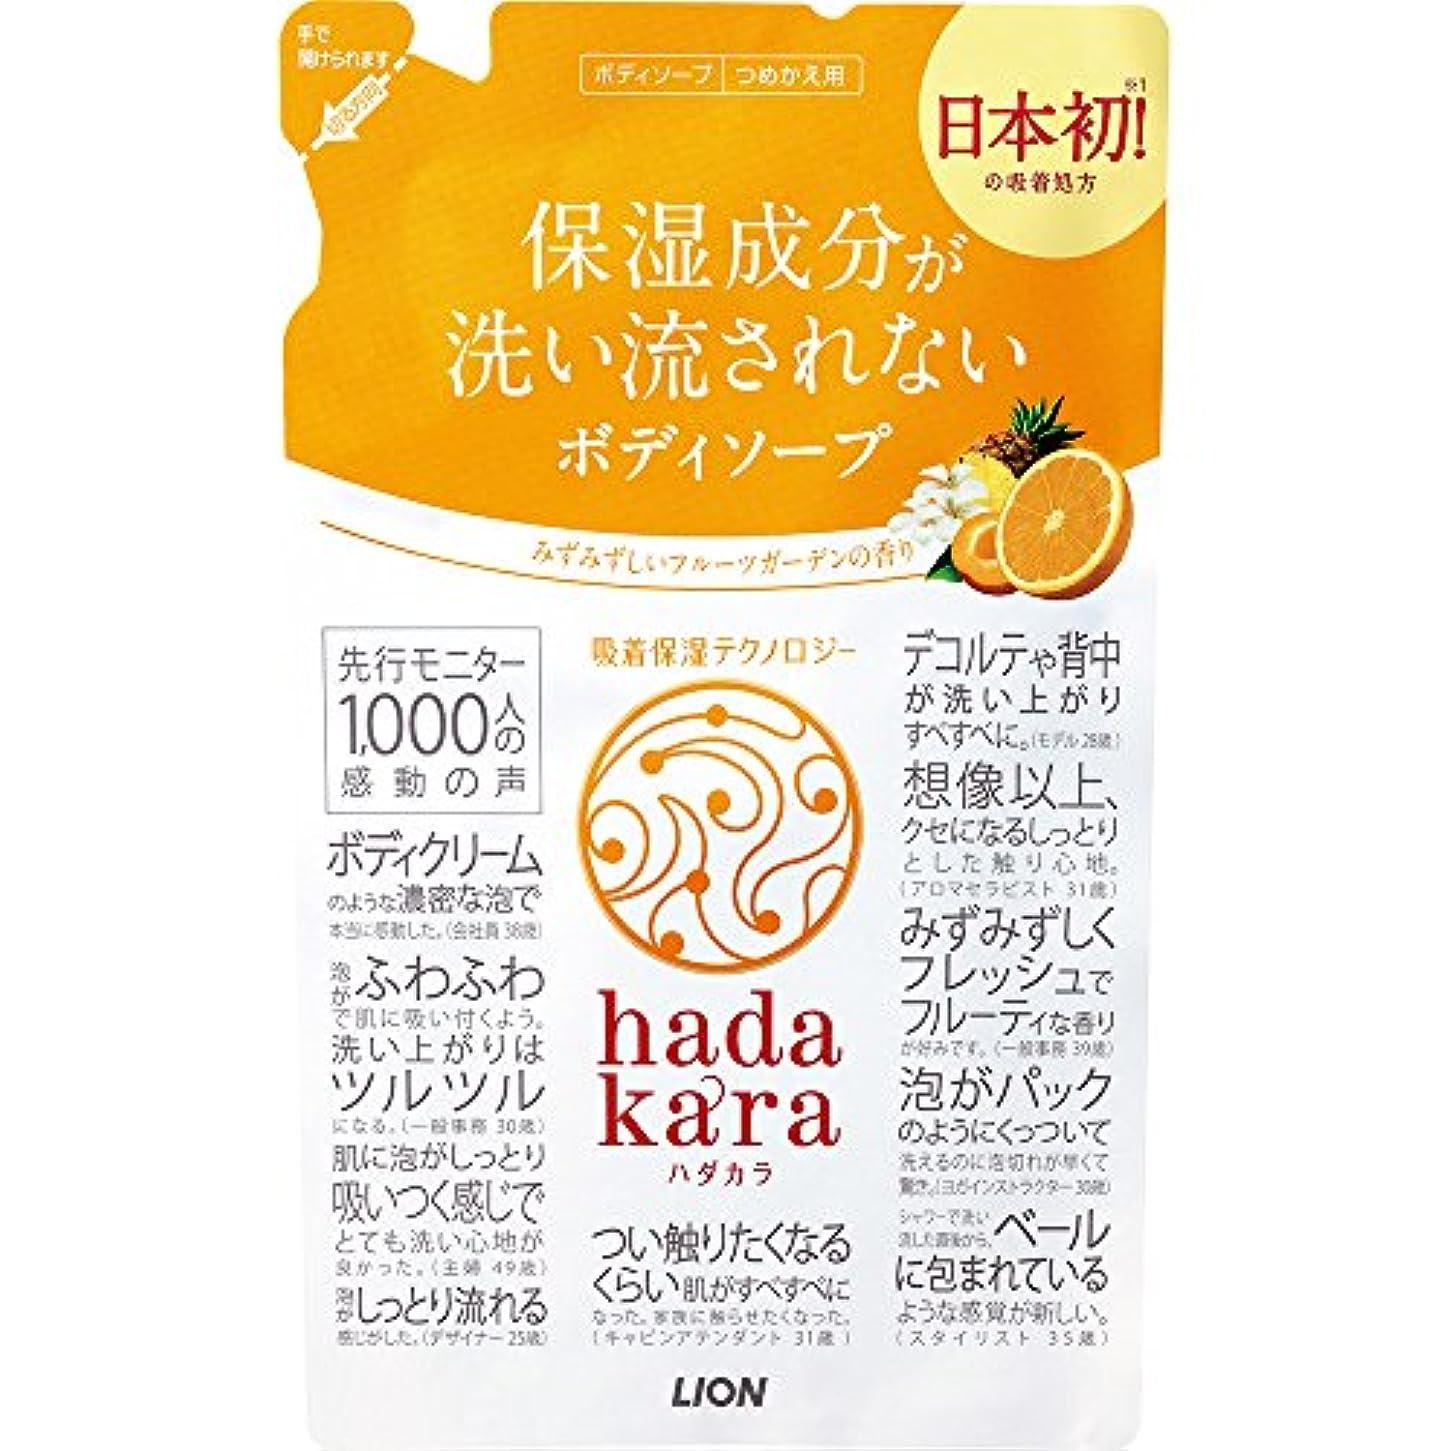 無効にするアーカイブ雇用hadakara(ハダカラ) ボディソープ フルーツガーデンの香り 詰め替え 360ml